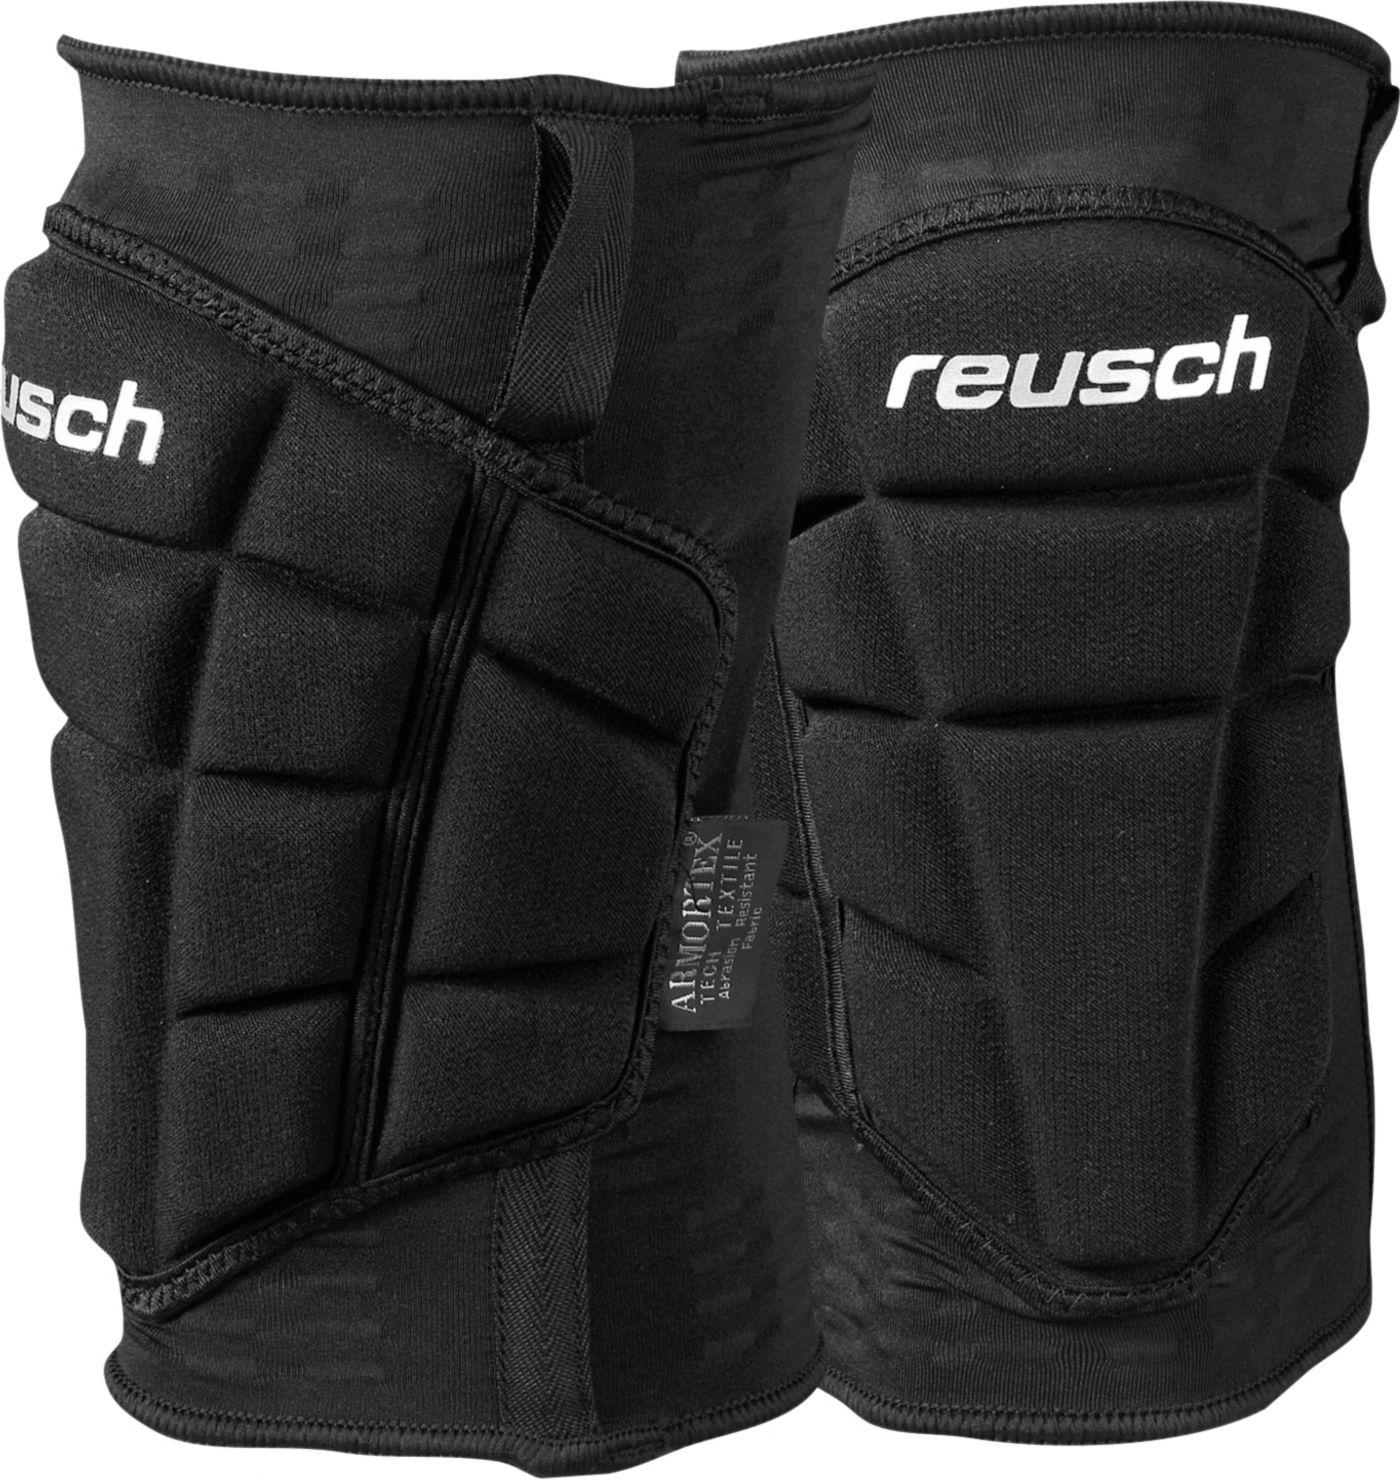 Reusch Ultimate Soccer Knee Guard